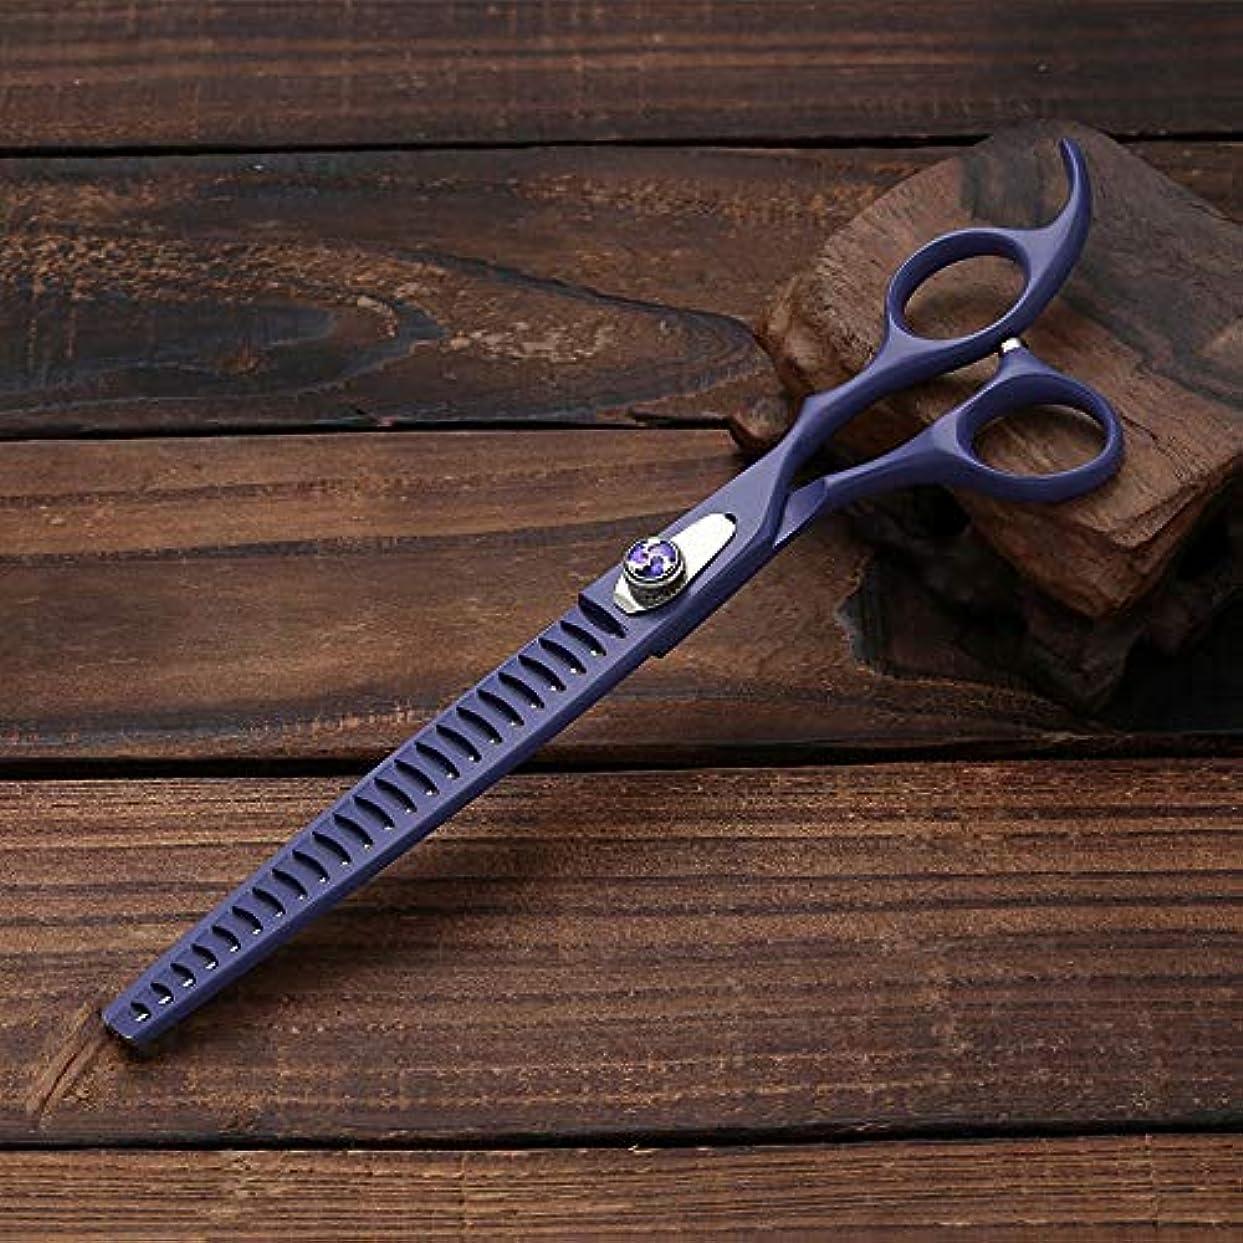 適合する郵便局認証WASAIO ペットの歯のカットはさみ美容はさみ髪はハサミプロフェッショナルステンレス理容はさみセット8.0インチスリップ (色 : 紫の)